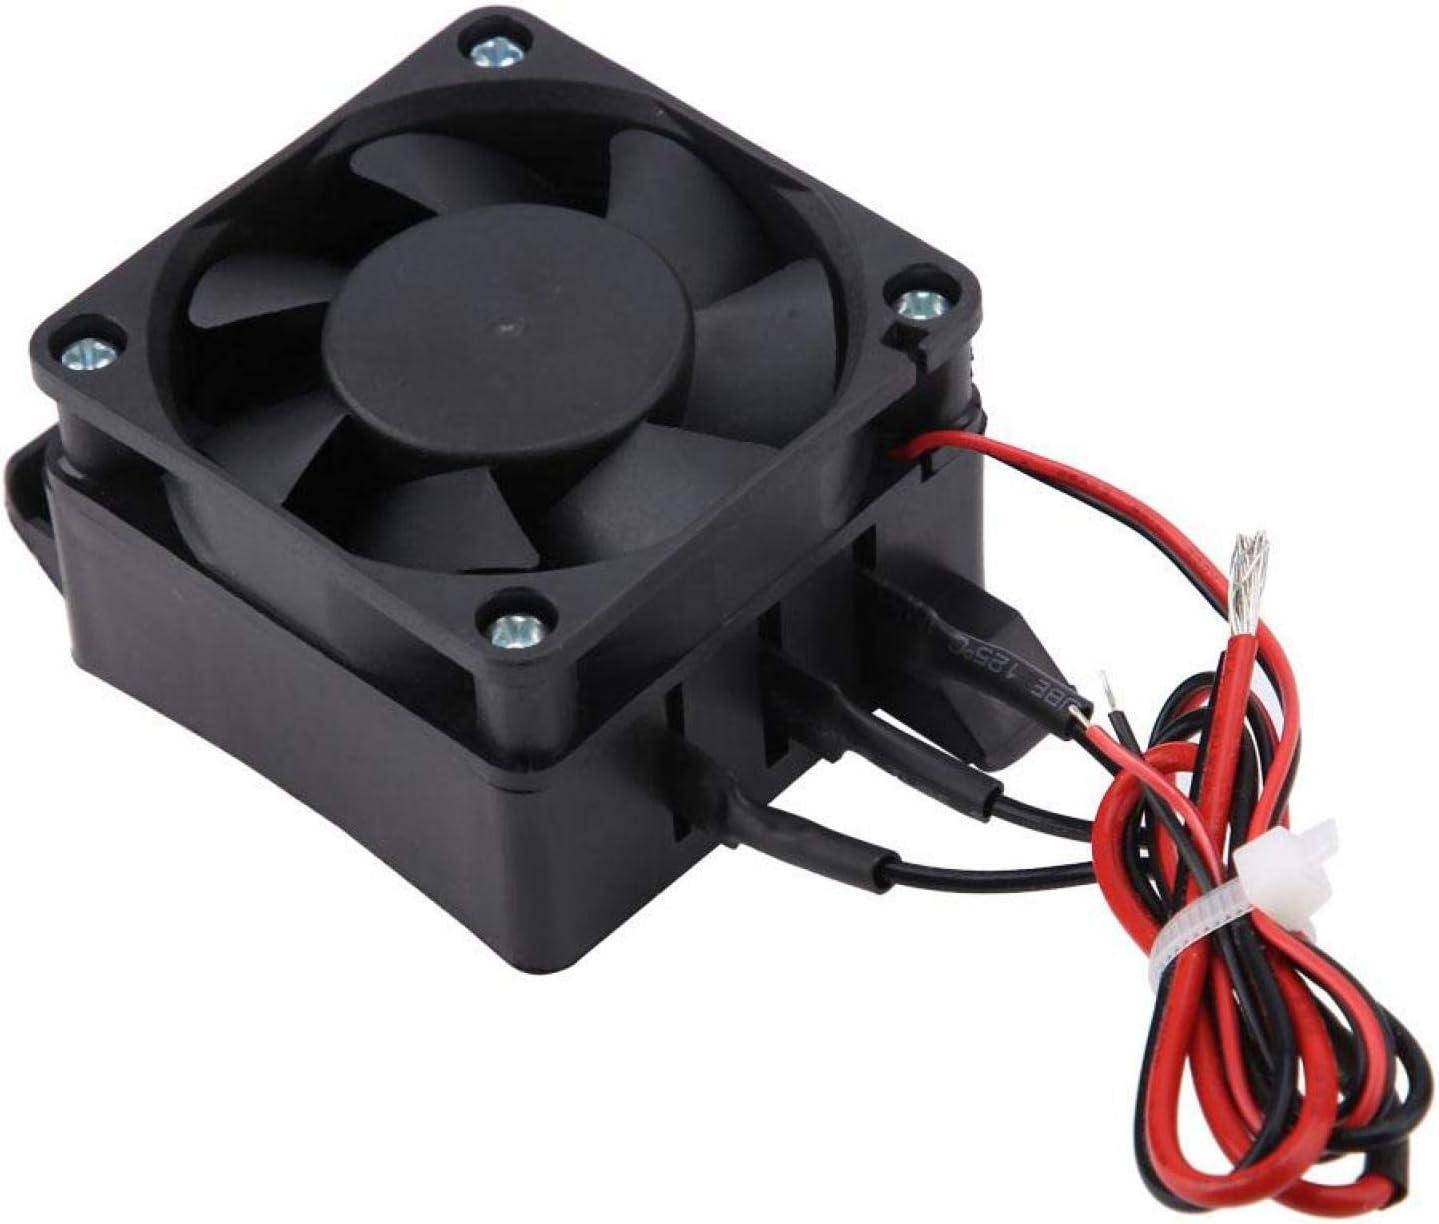 LANTRO JS - Calentador de aire para automóvil PTC, 12V / 24V 300W / 400W, Calentador de ventilador de automóvil para espacios pequeños, Calentadores de temperatura constante(24V 400W)